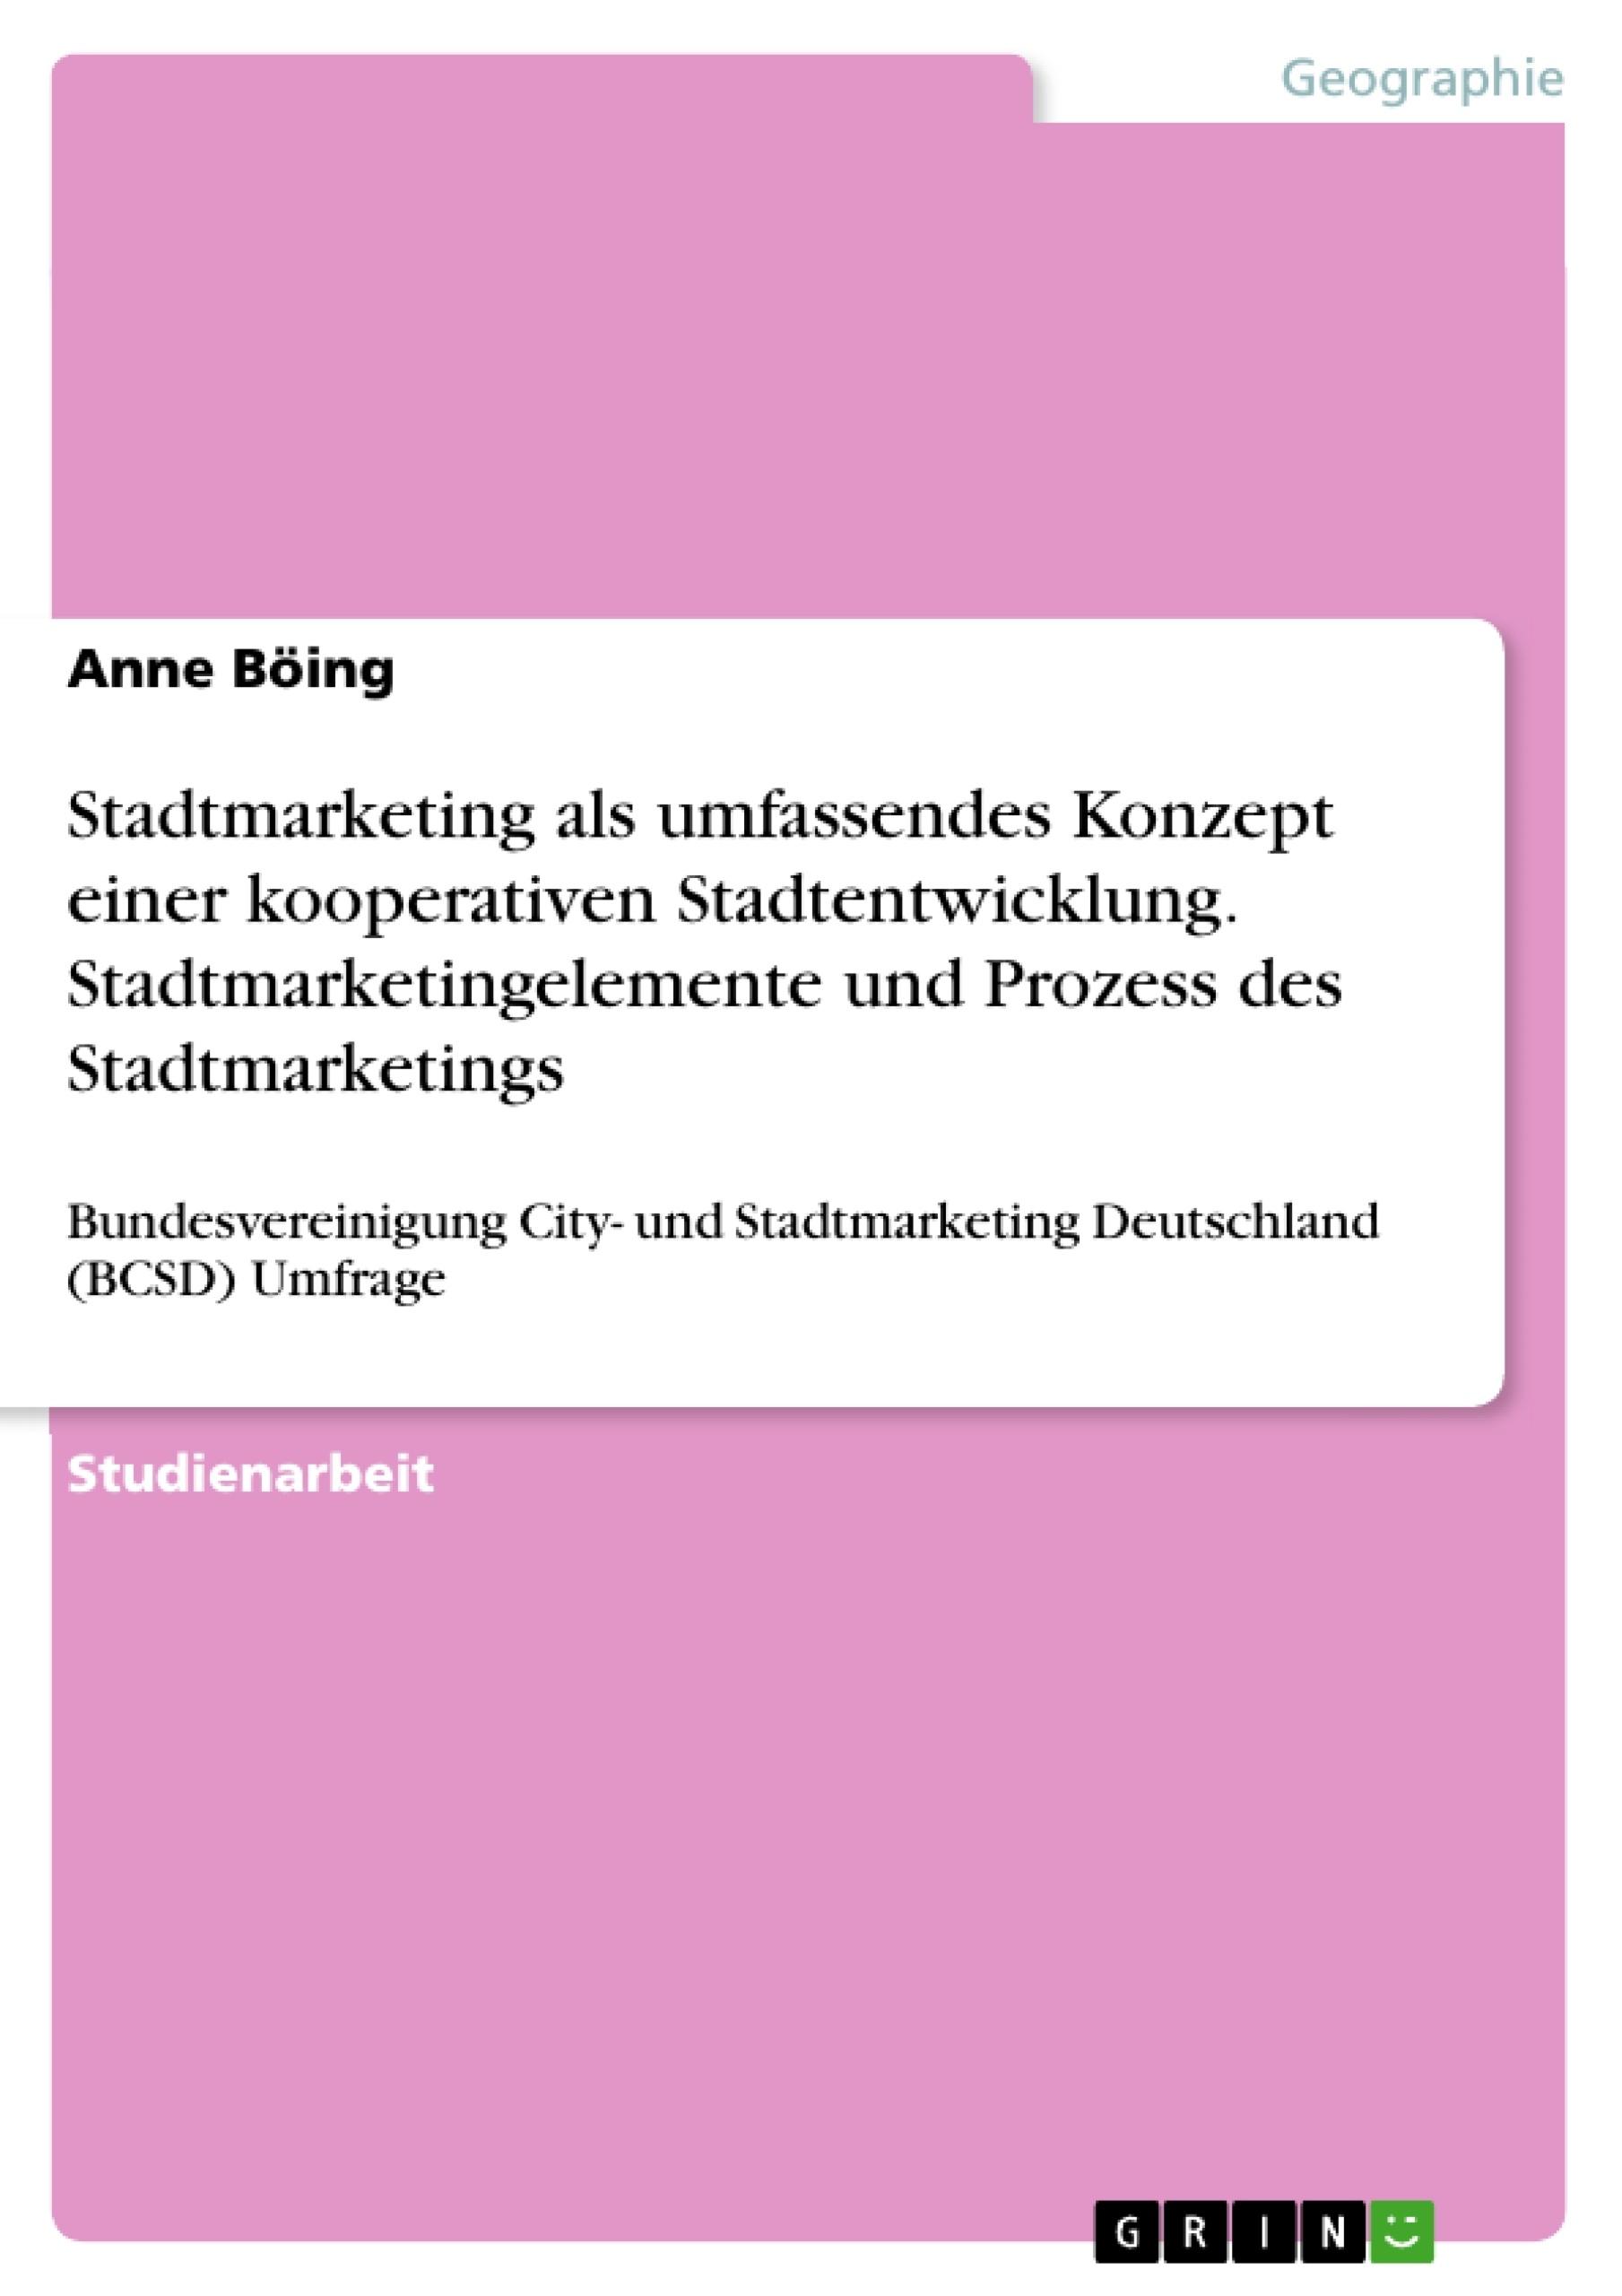 Titel: Stadtmarketing als umfassendes Konzept einer kooperativen Stadtentwicklung. Stadtmarketingelemente und Prozess des Stadtmarketings